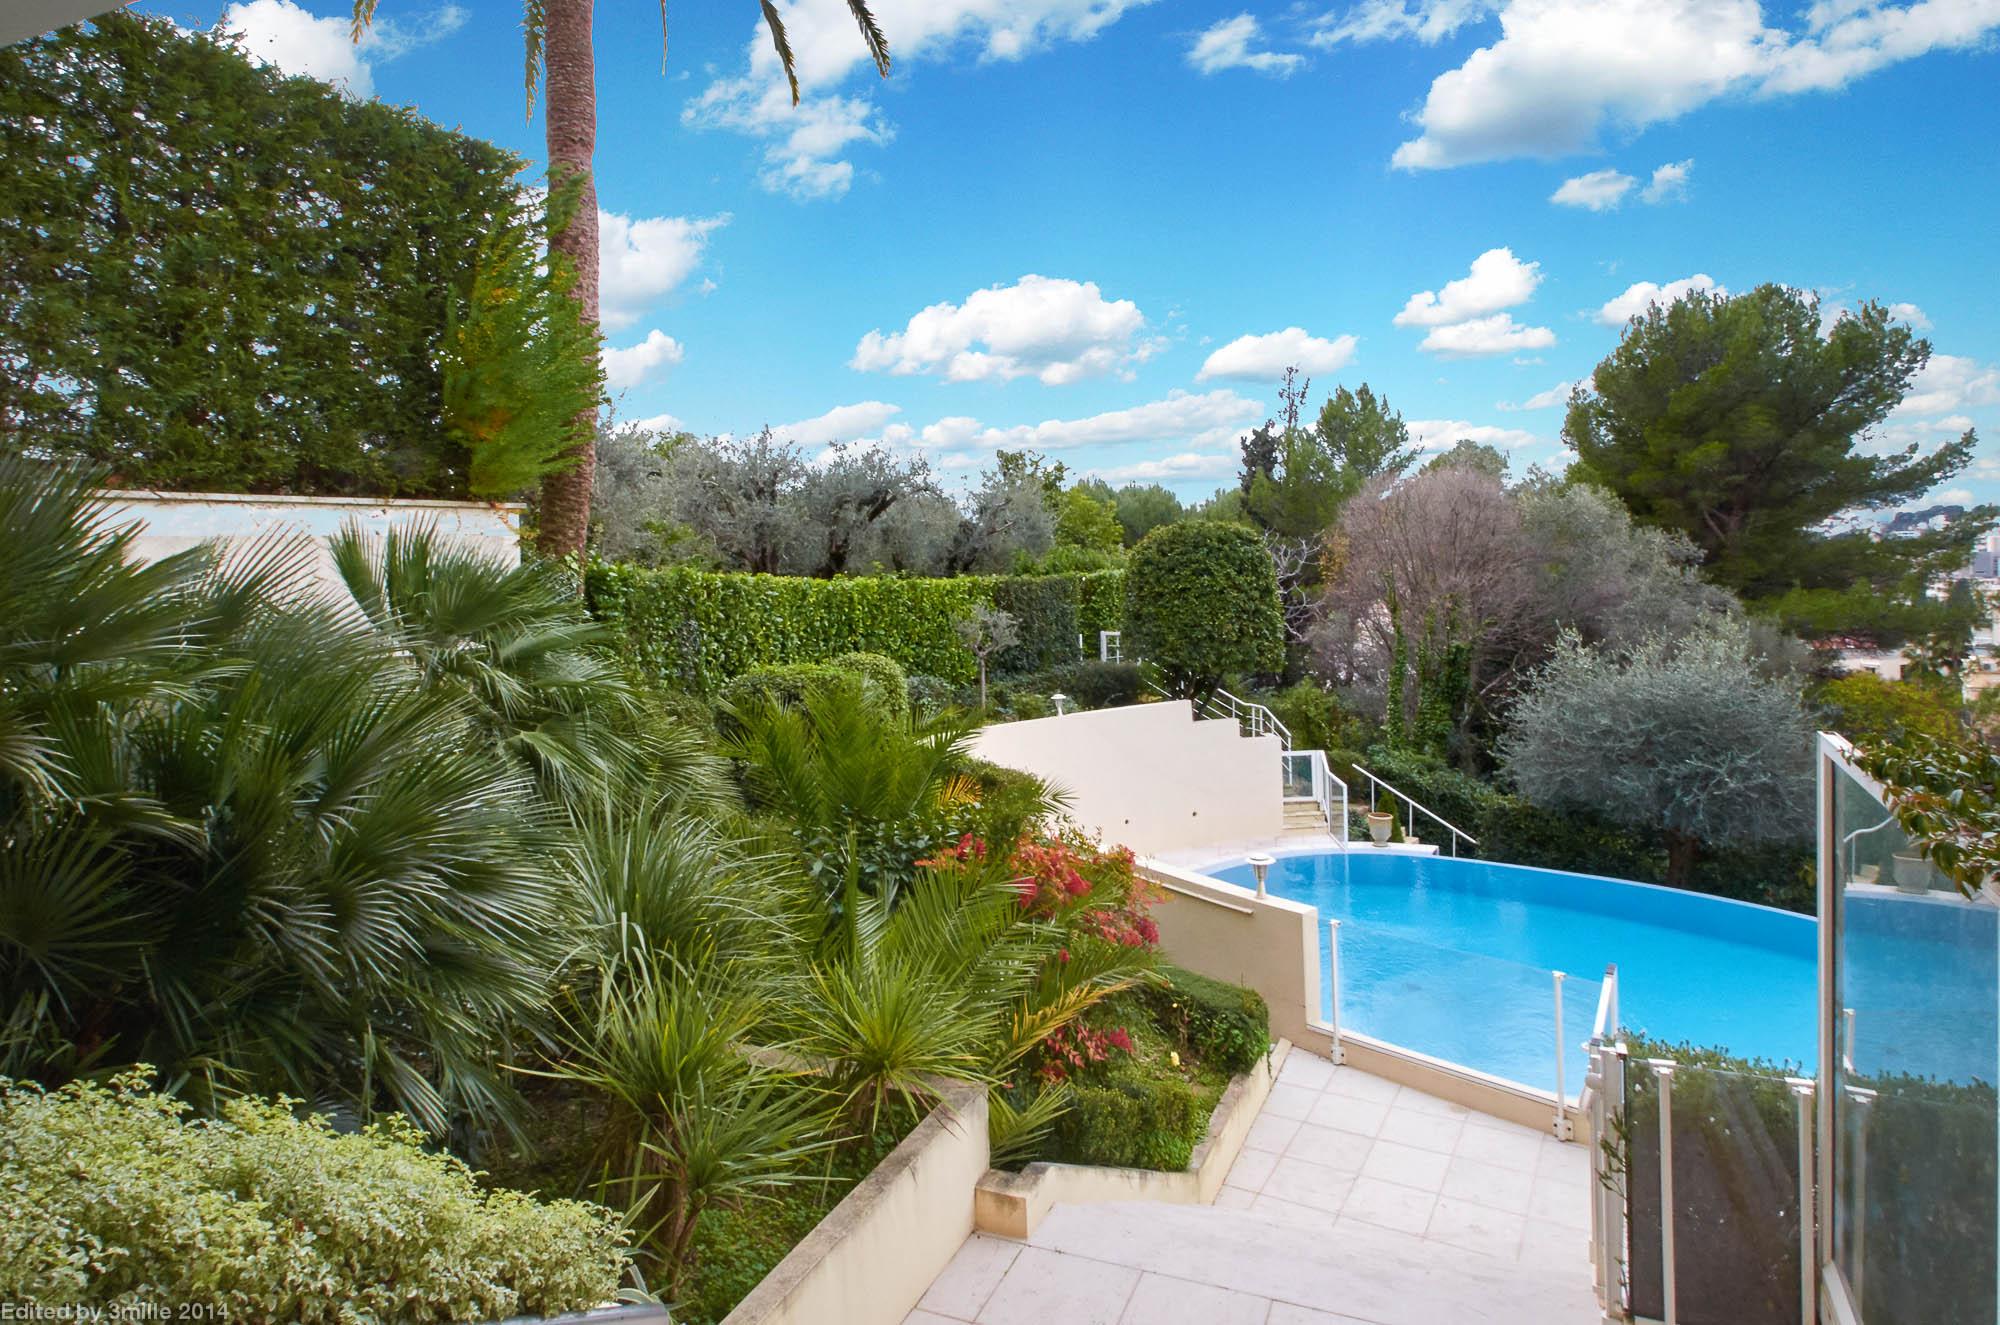 Wohnung für Verkauf beim Appartement Cannes Cannes, Provence-Alpes-Cote D'Azur 06110 Frankreich